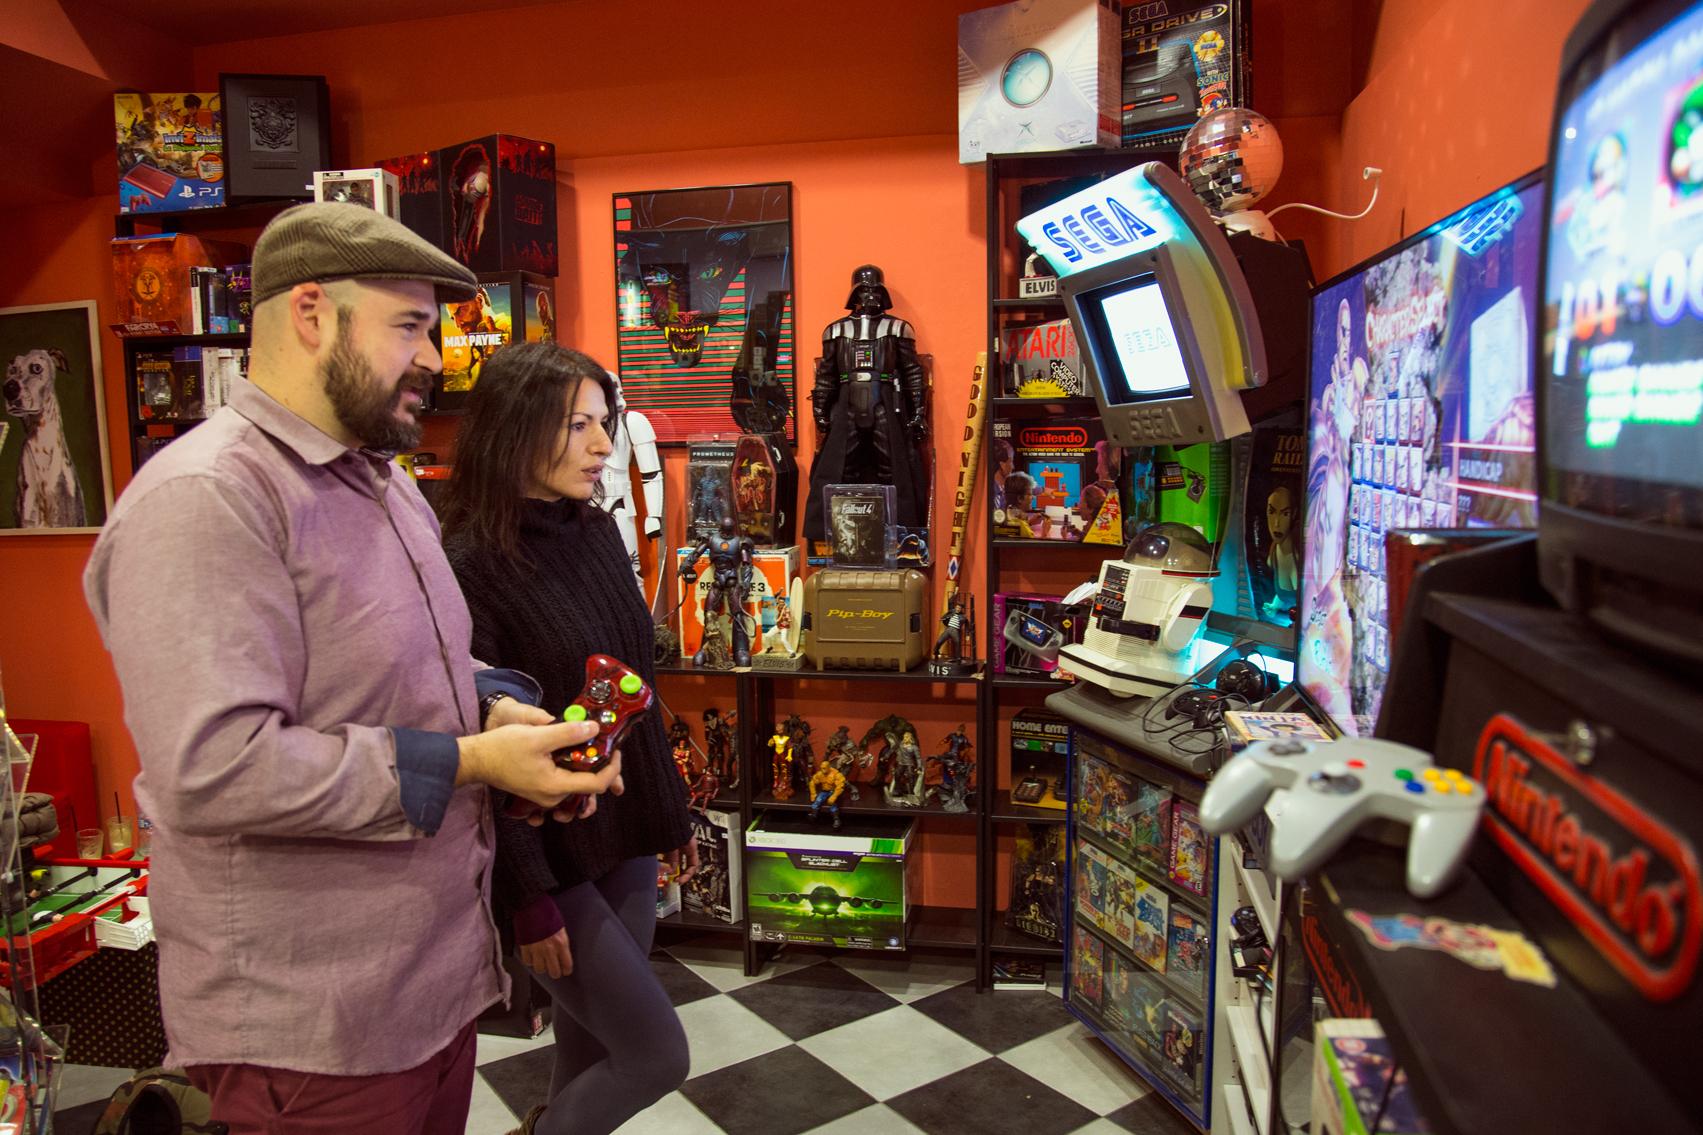 Ο ιδιοκτήτητς του Παιχνοδρόμιου, Αποστόλης παραδίδει μαθήματα gaming